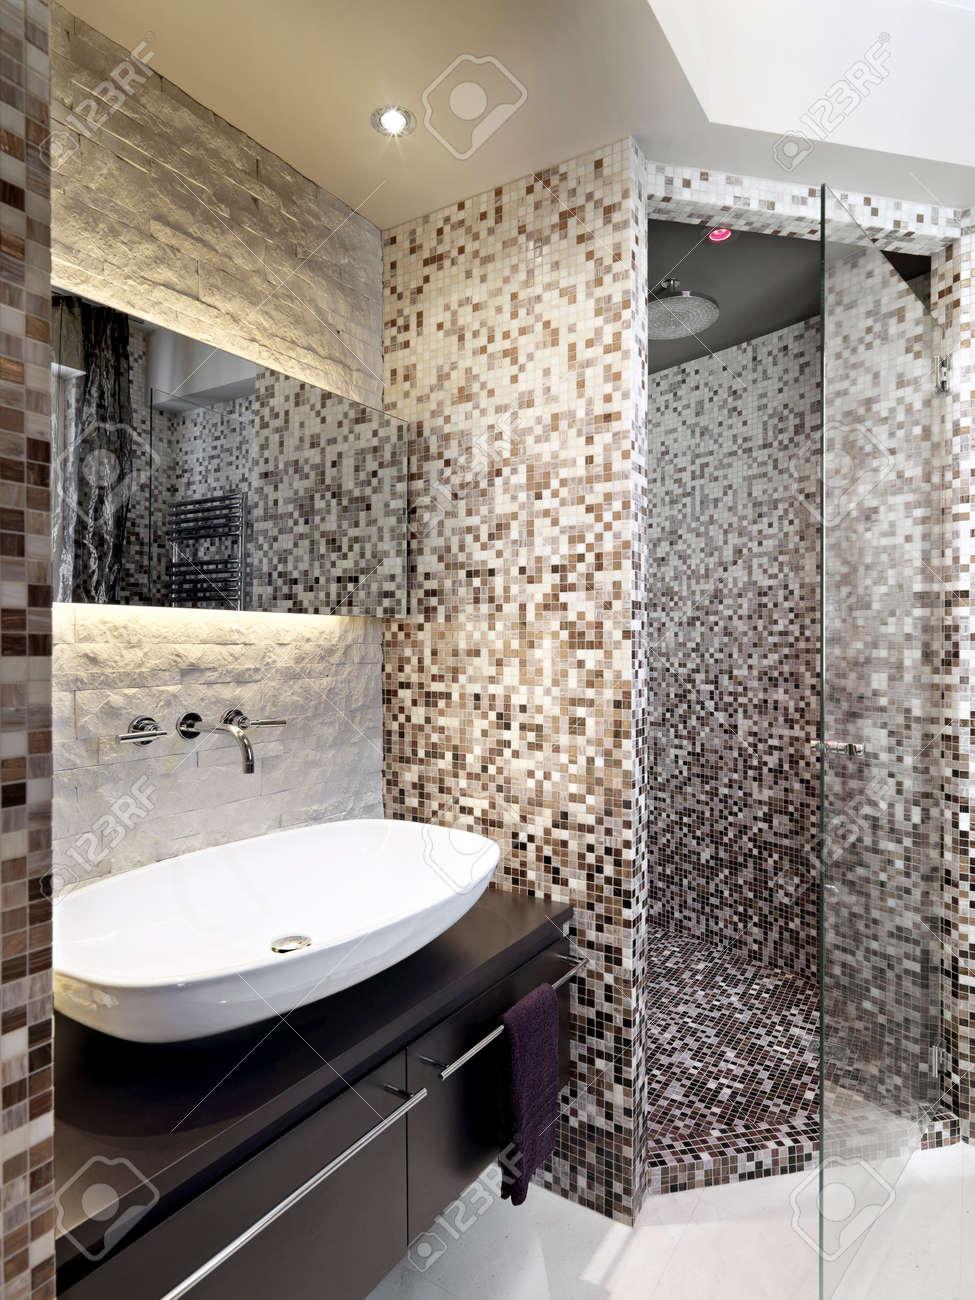 dettaglio del lavandino in un bagno moderno con box doccia in ... - Foto Bagni Moderni In Muratura